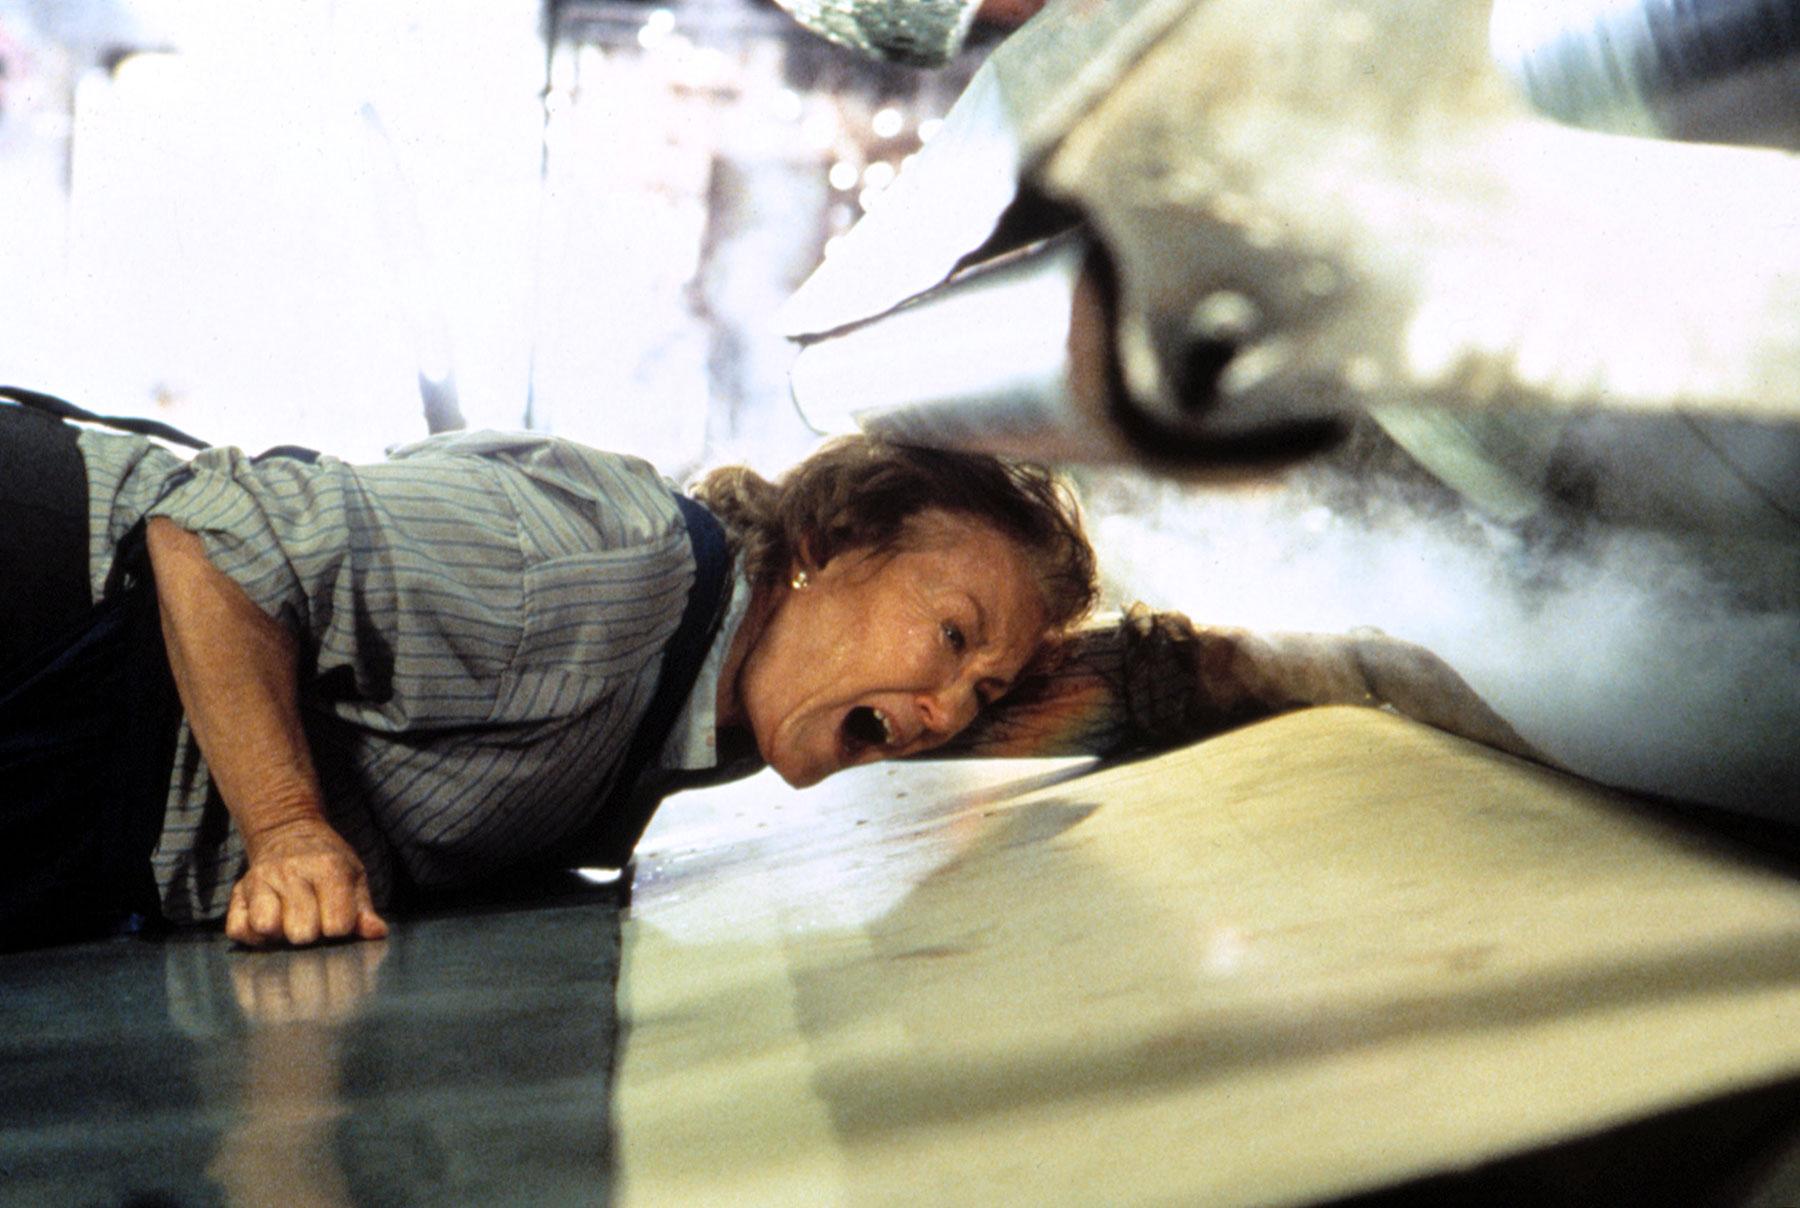 MANGLER, Vera Blacker being devoured by machine, 1995.